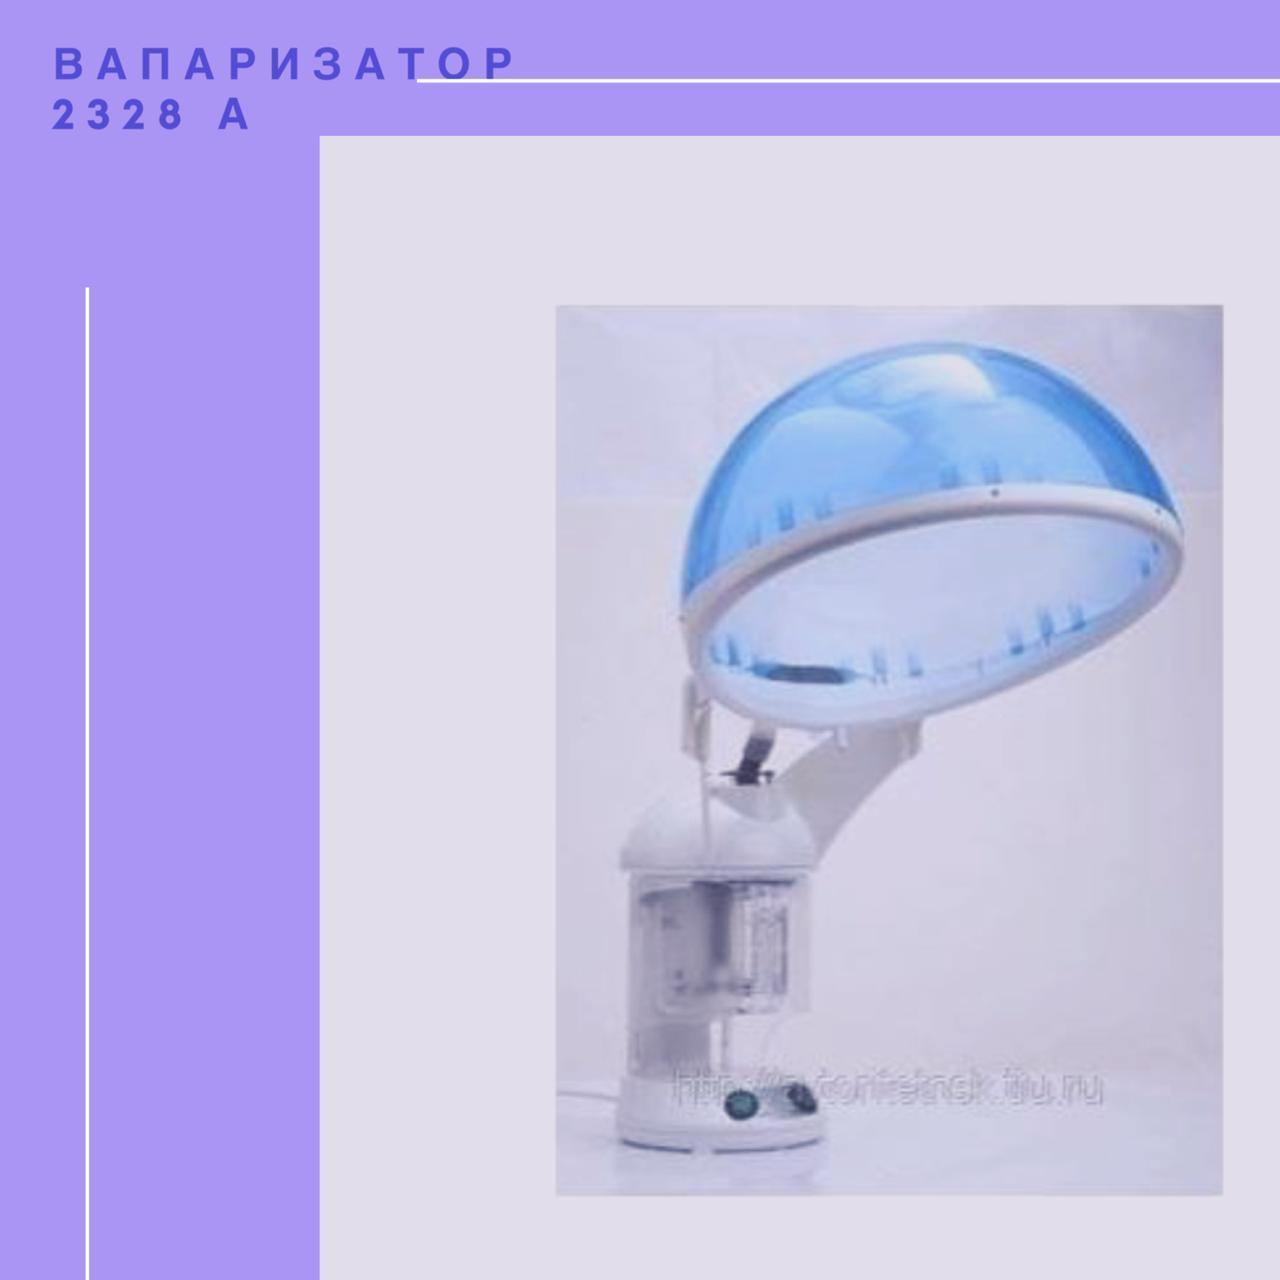 Вапаризатор-сушуар 2328А